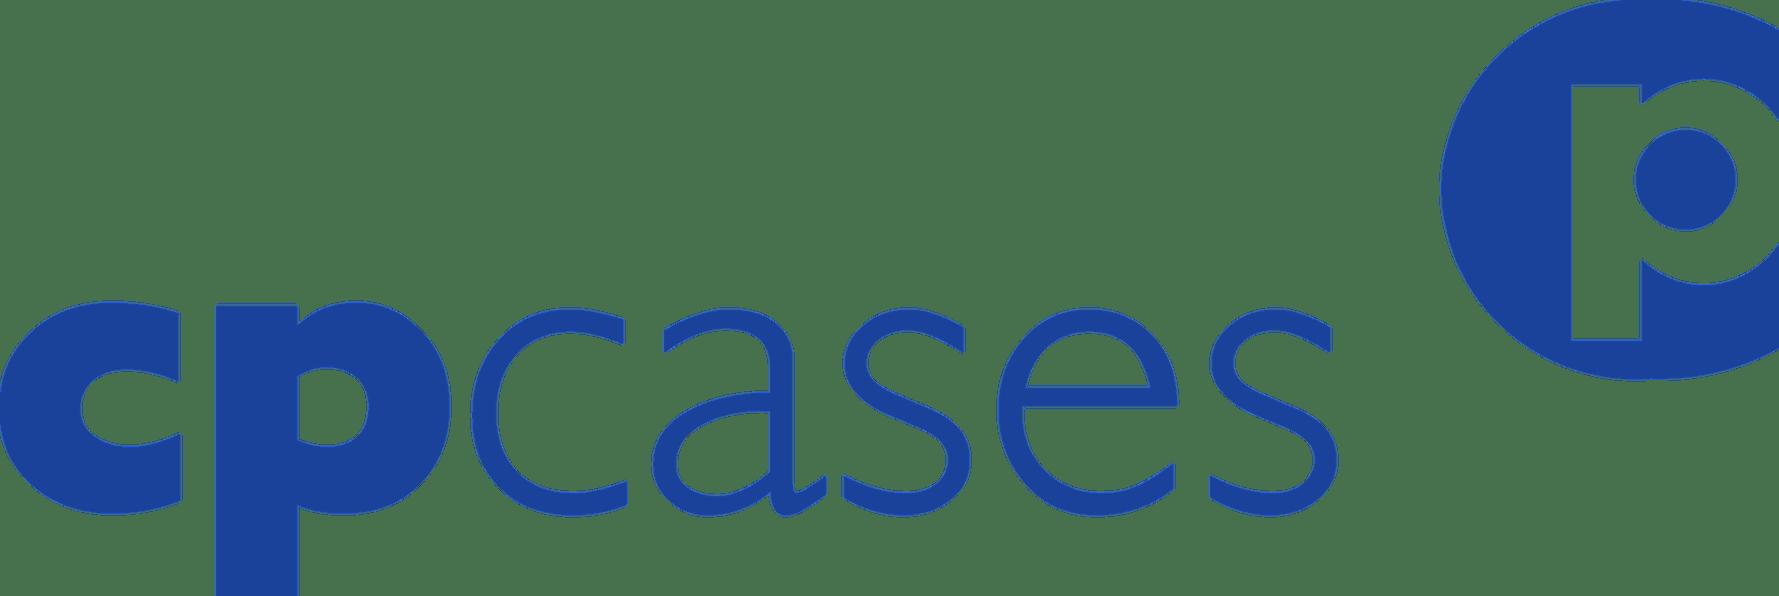 CP Cases